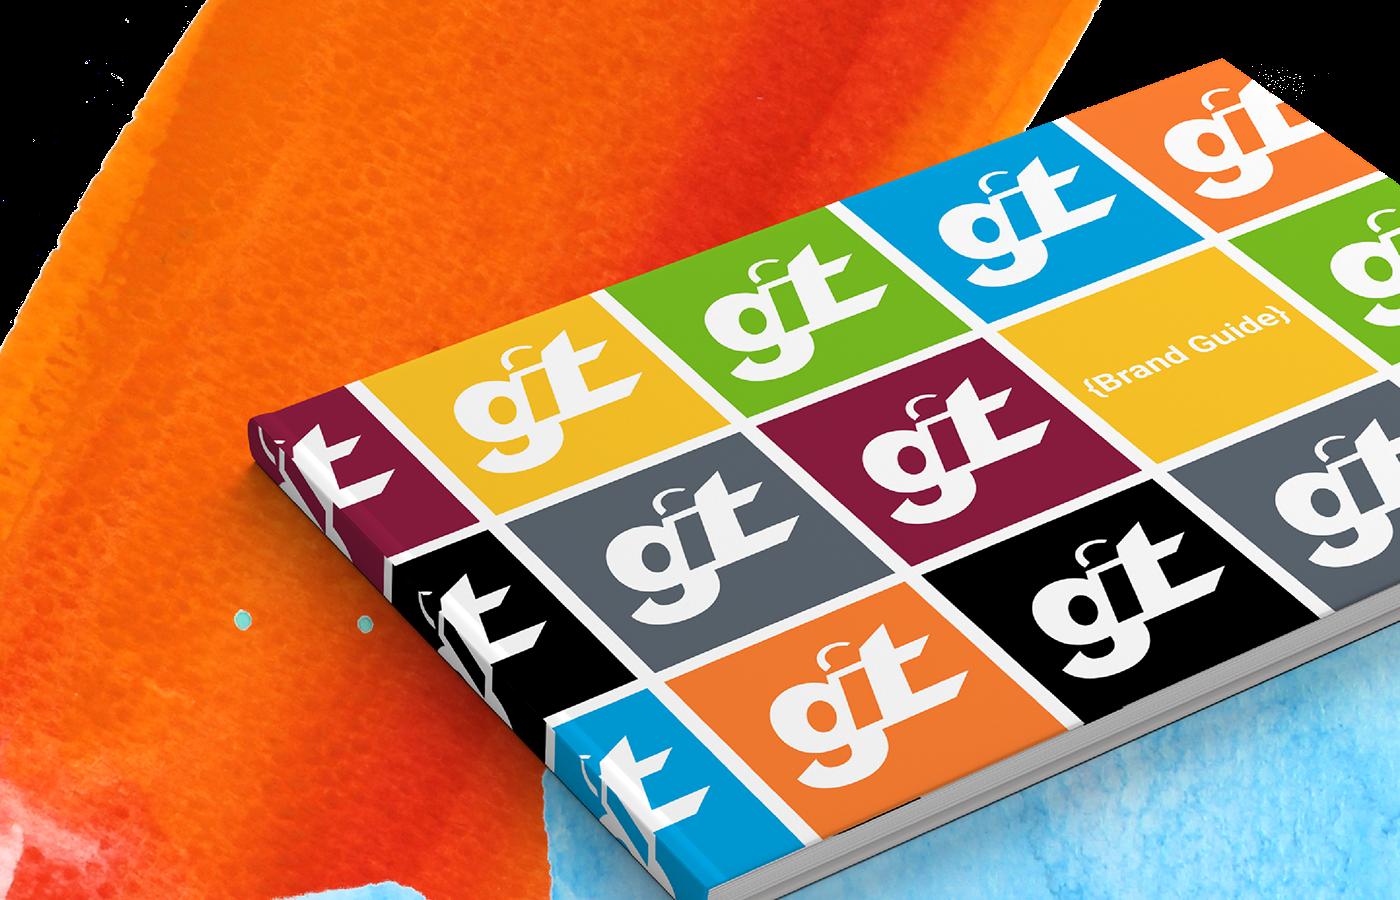 branding  GIT-Awards-S18 git ASU Logo Design book design color palette adobeawards